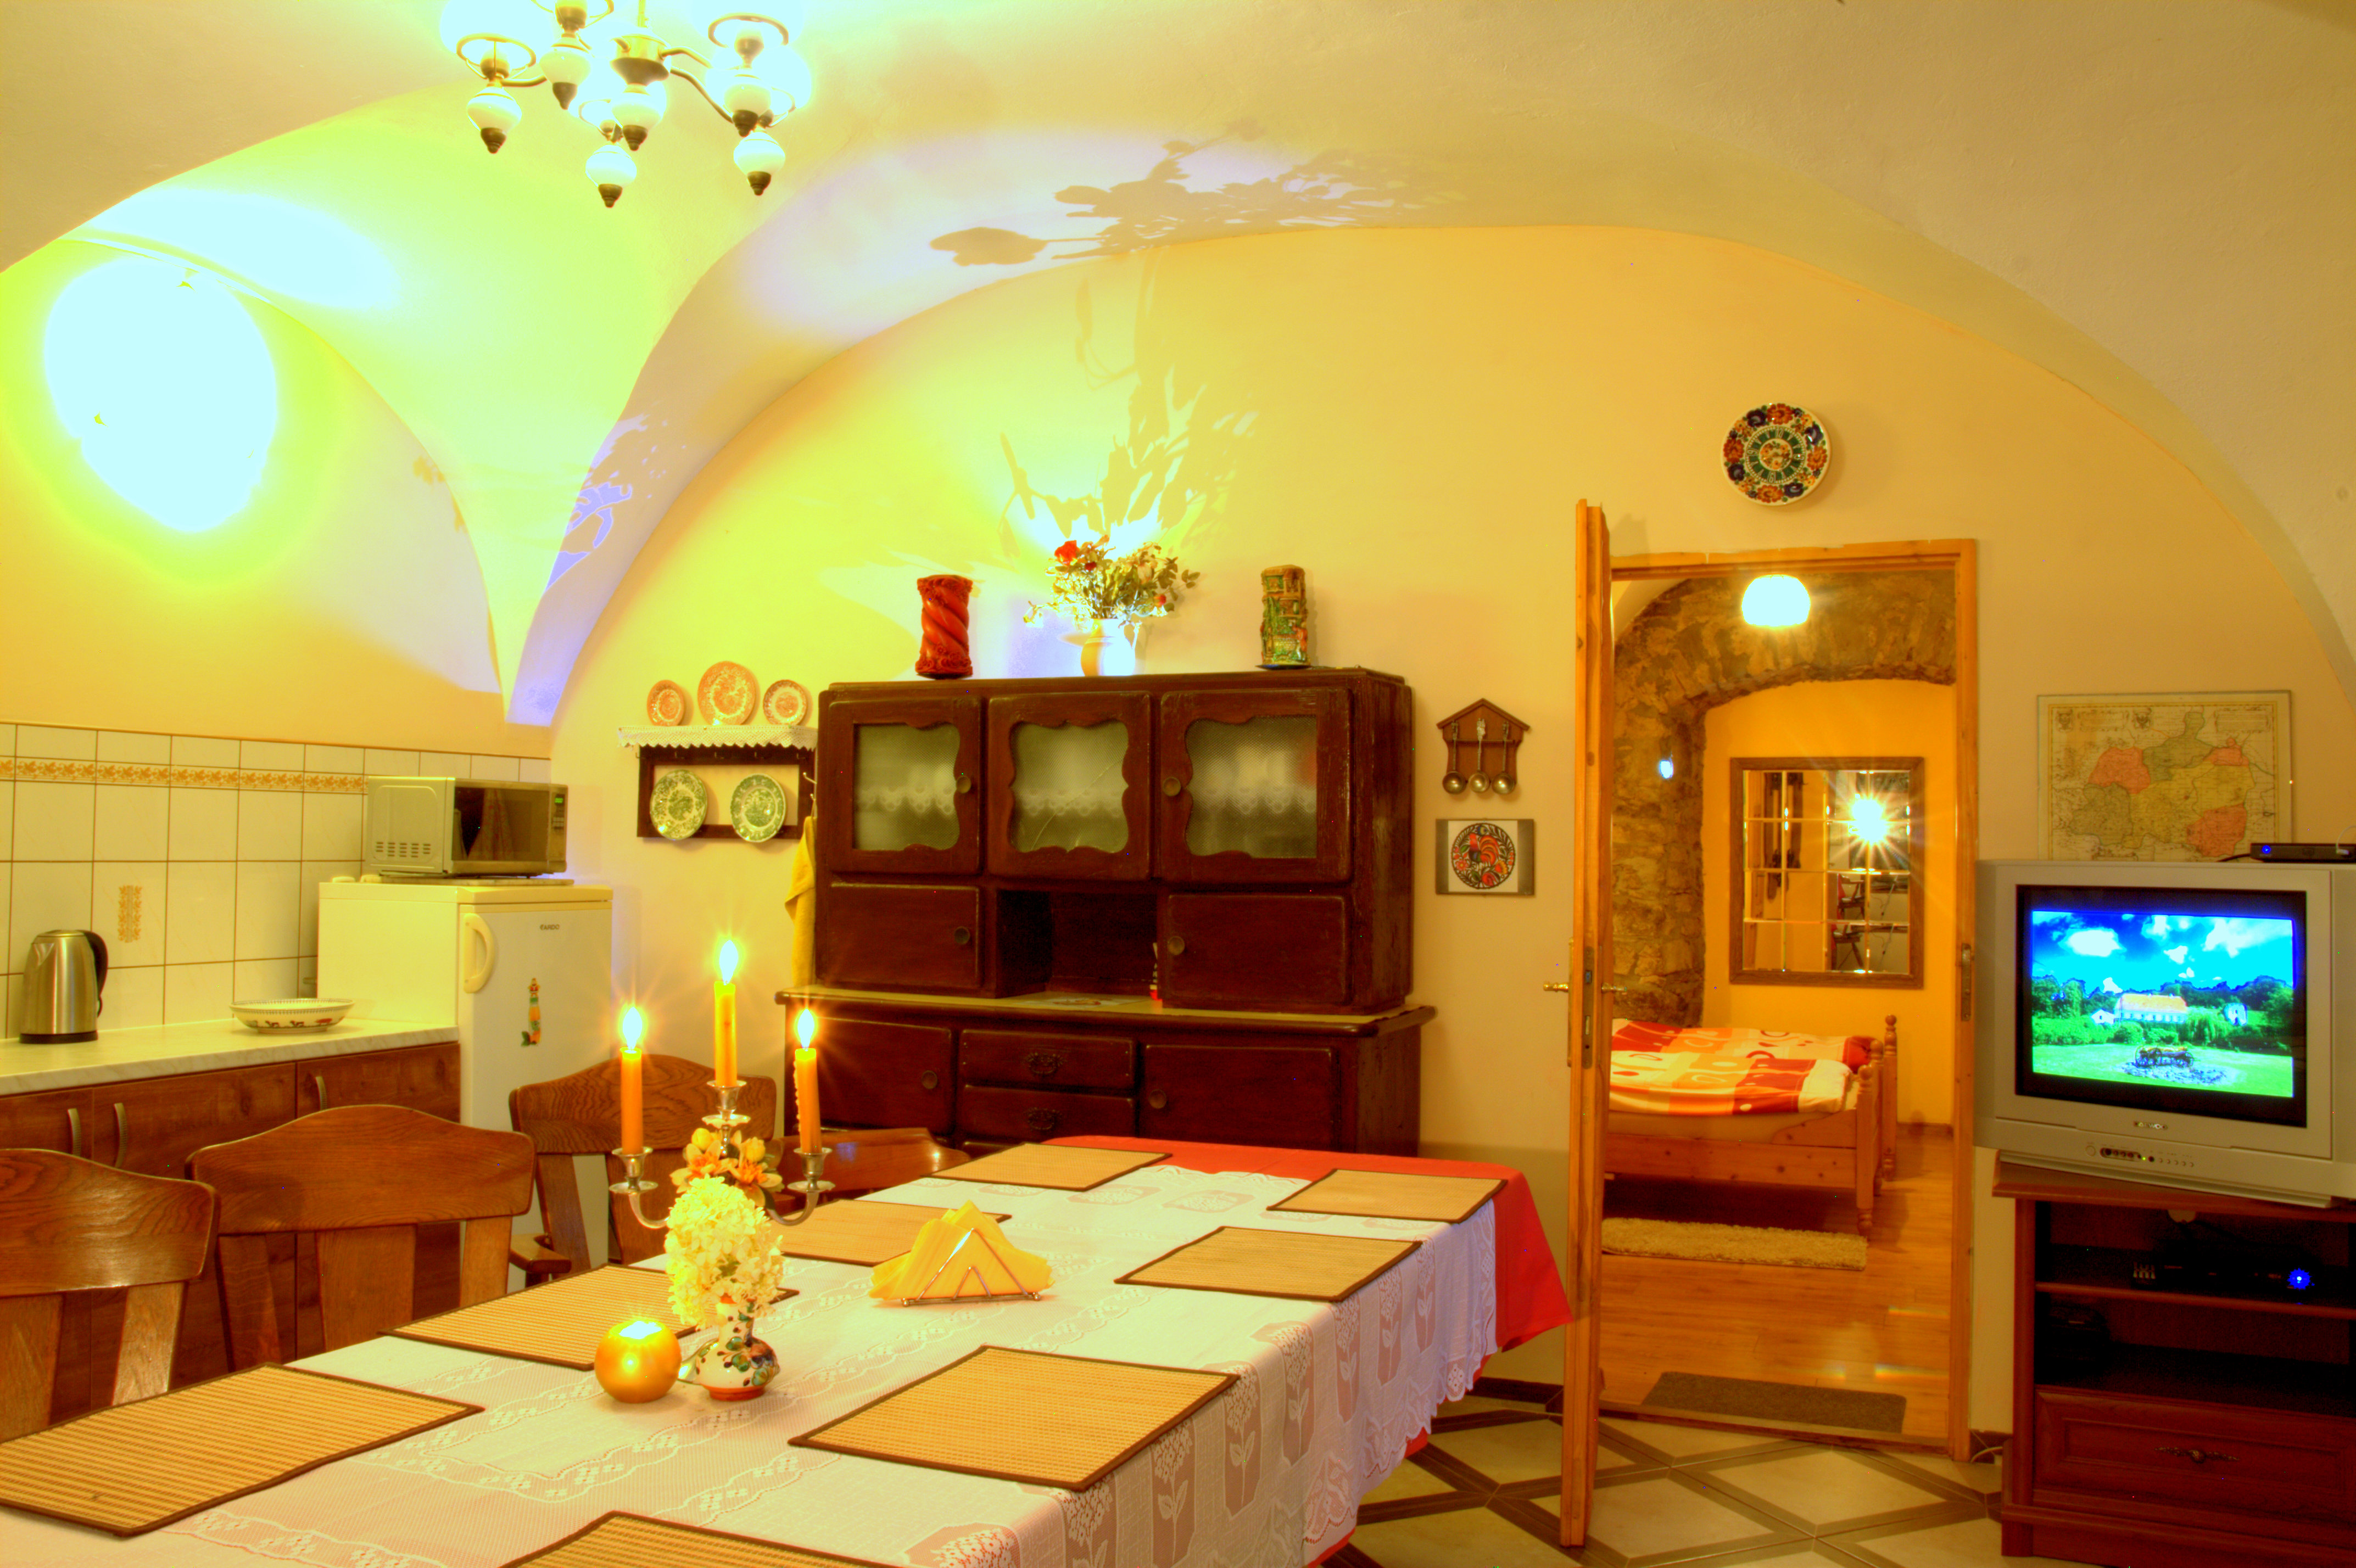 Kuchnia z jadalnią. Agroturystyka Dolny Śląsk